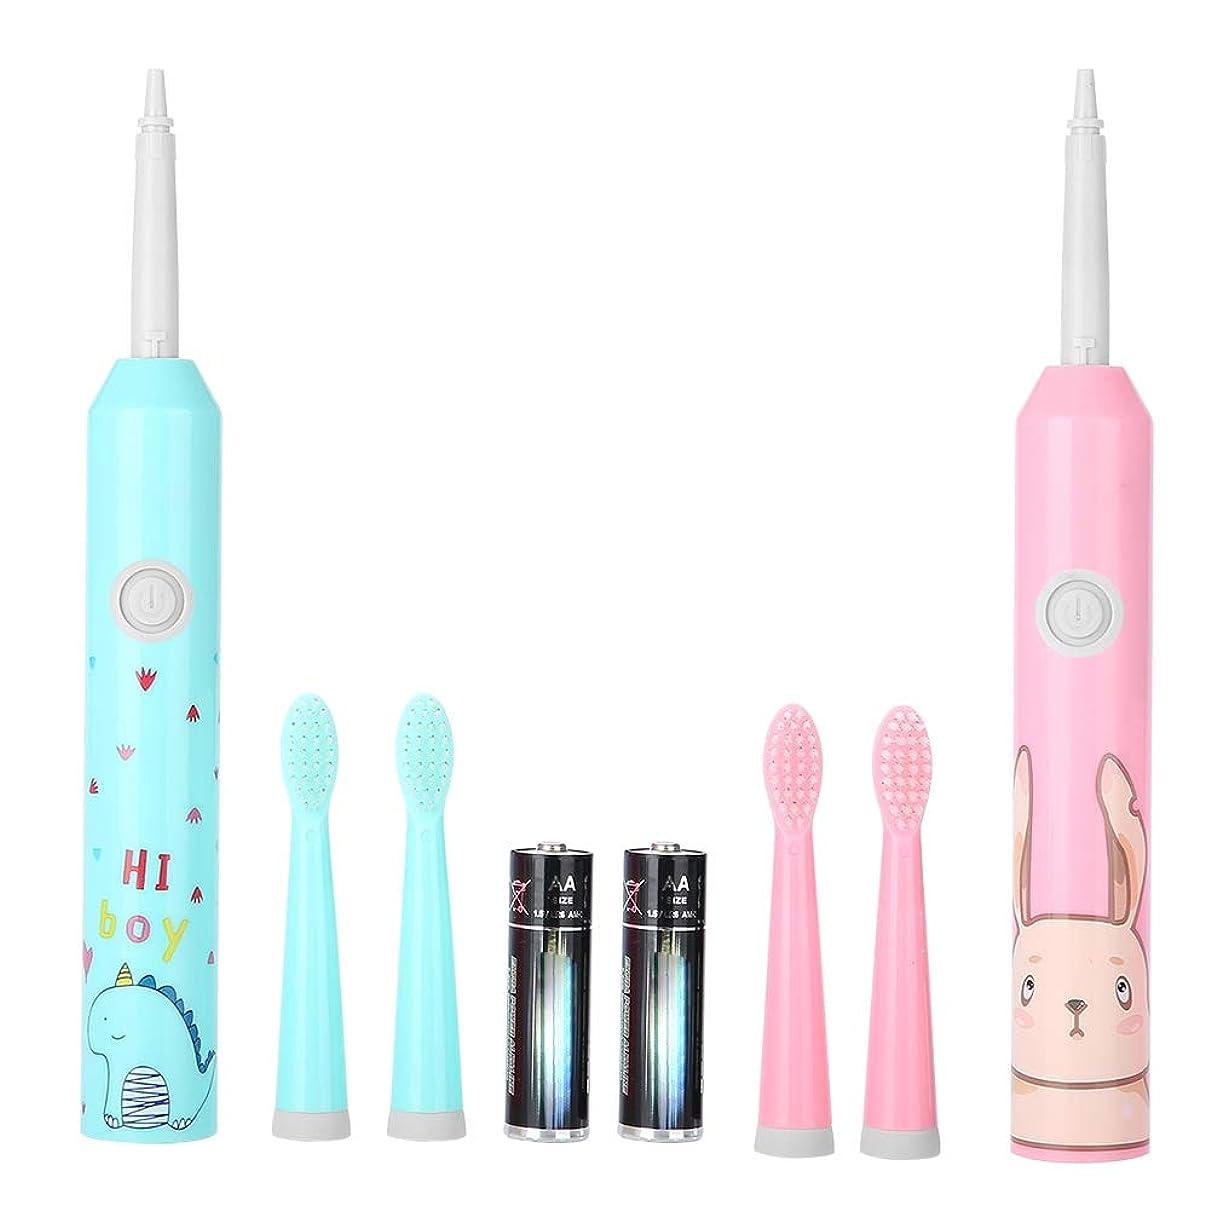 指ベスト発揮する電動歯ブラシ、自動タイマーおよび精密きれいなブラシの頭部との再充電可能な歯ブラシの深いクリーニング口頭ヘルスケアのための大人および子供のための最も長い60日電池(ピンク)